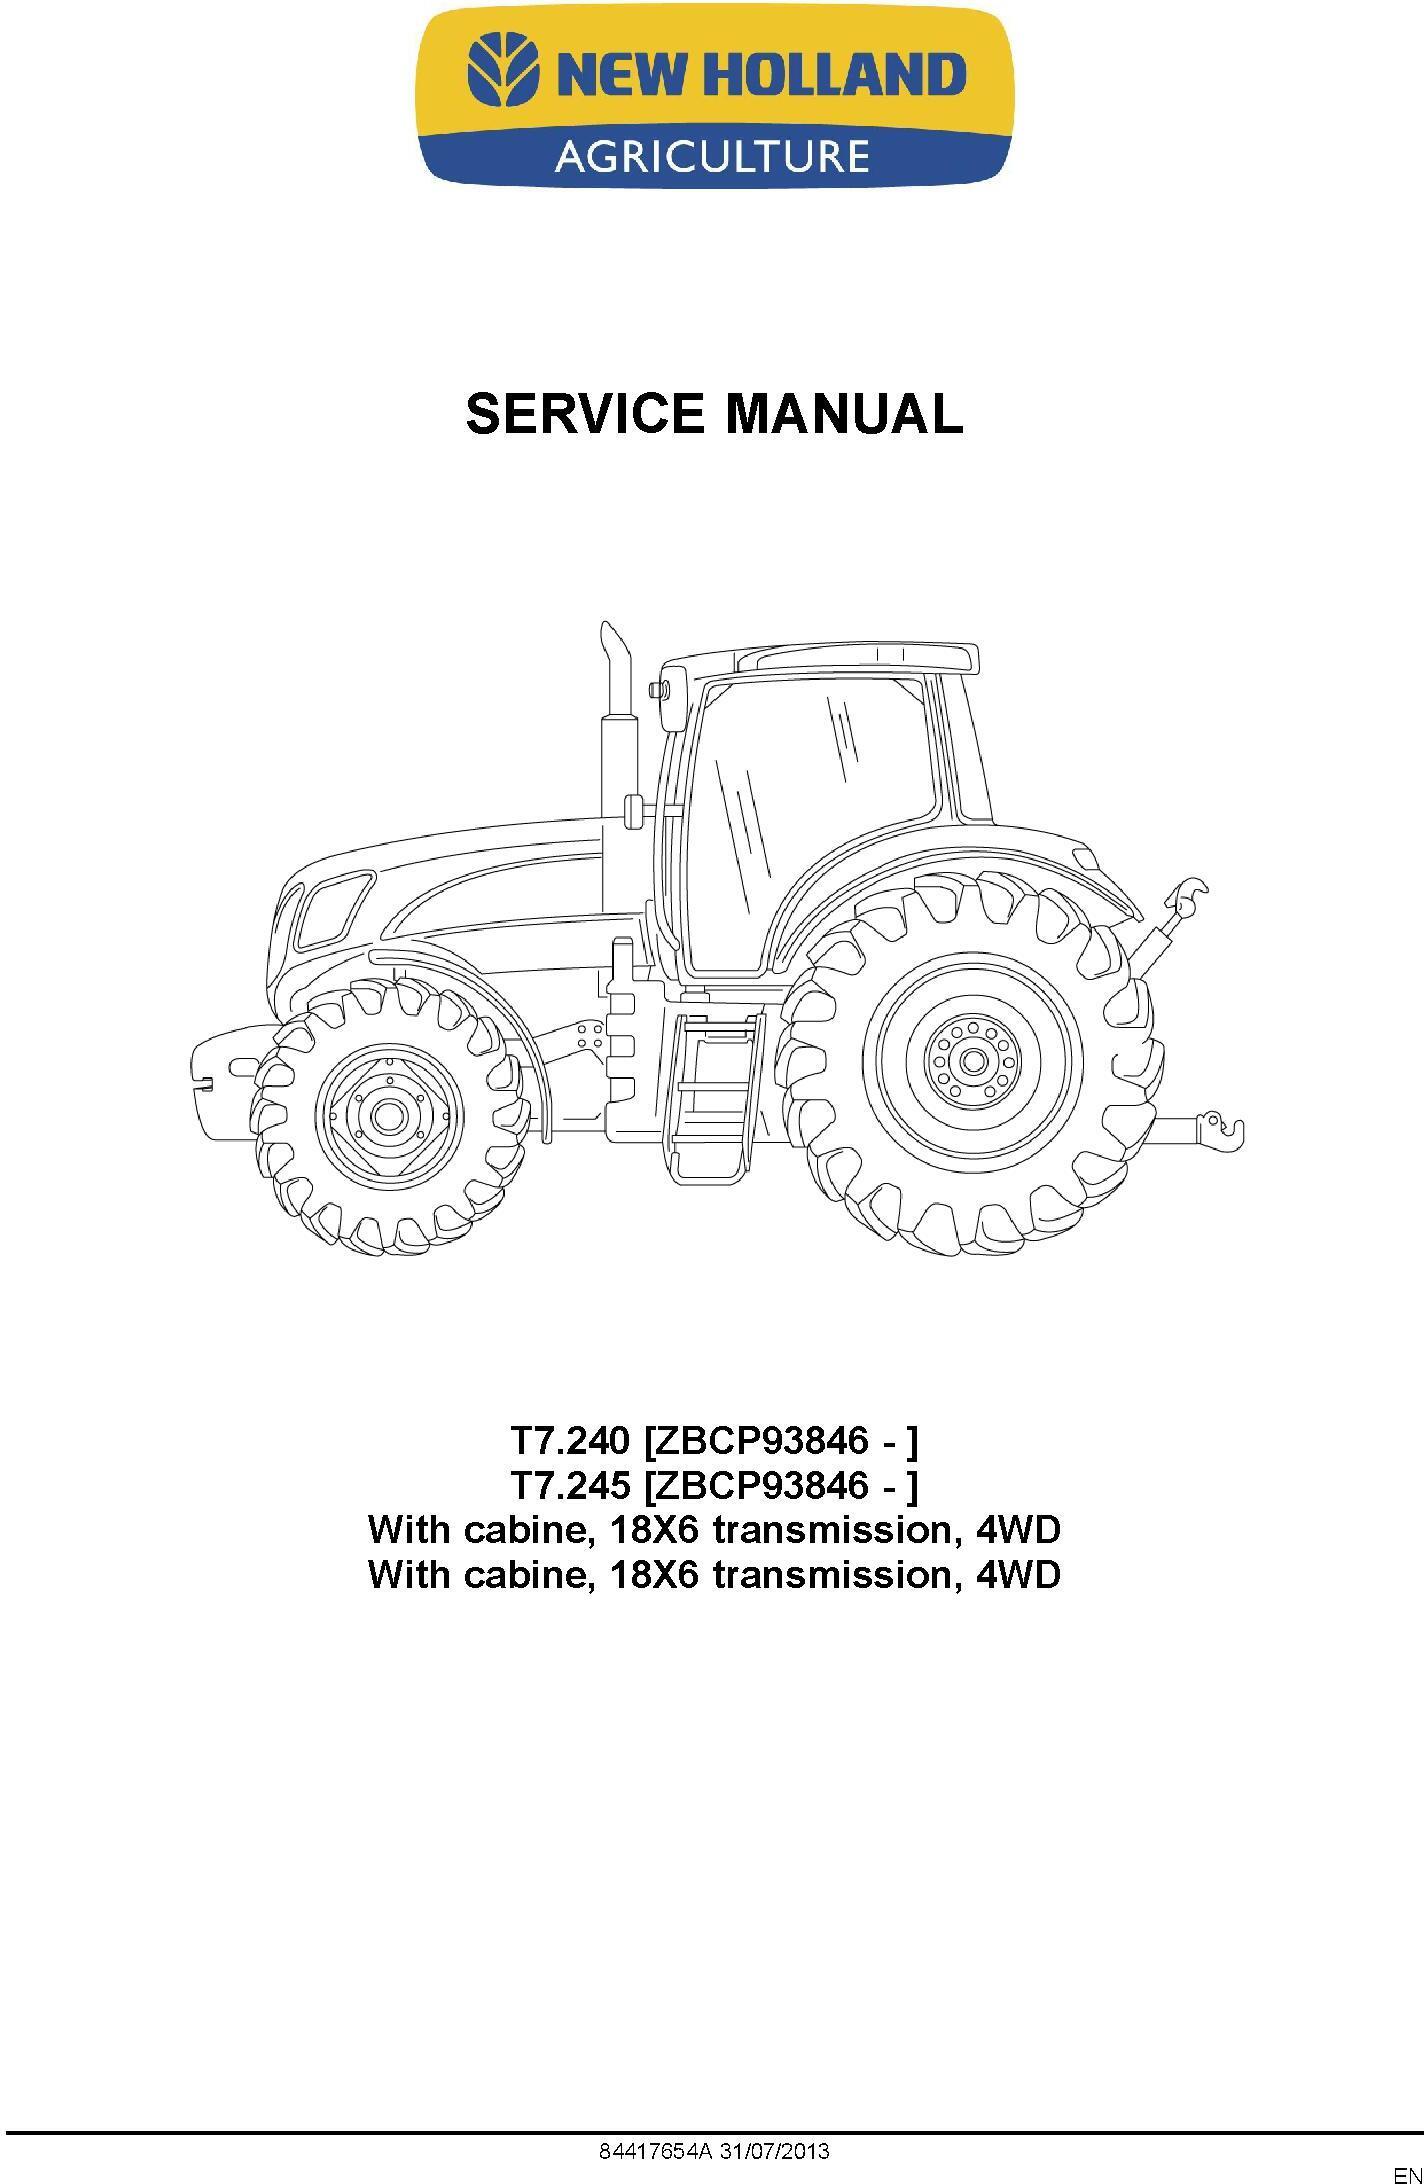 New Holland T7.240, T7.245 Brazil Built Tractors Service